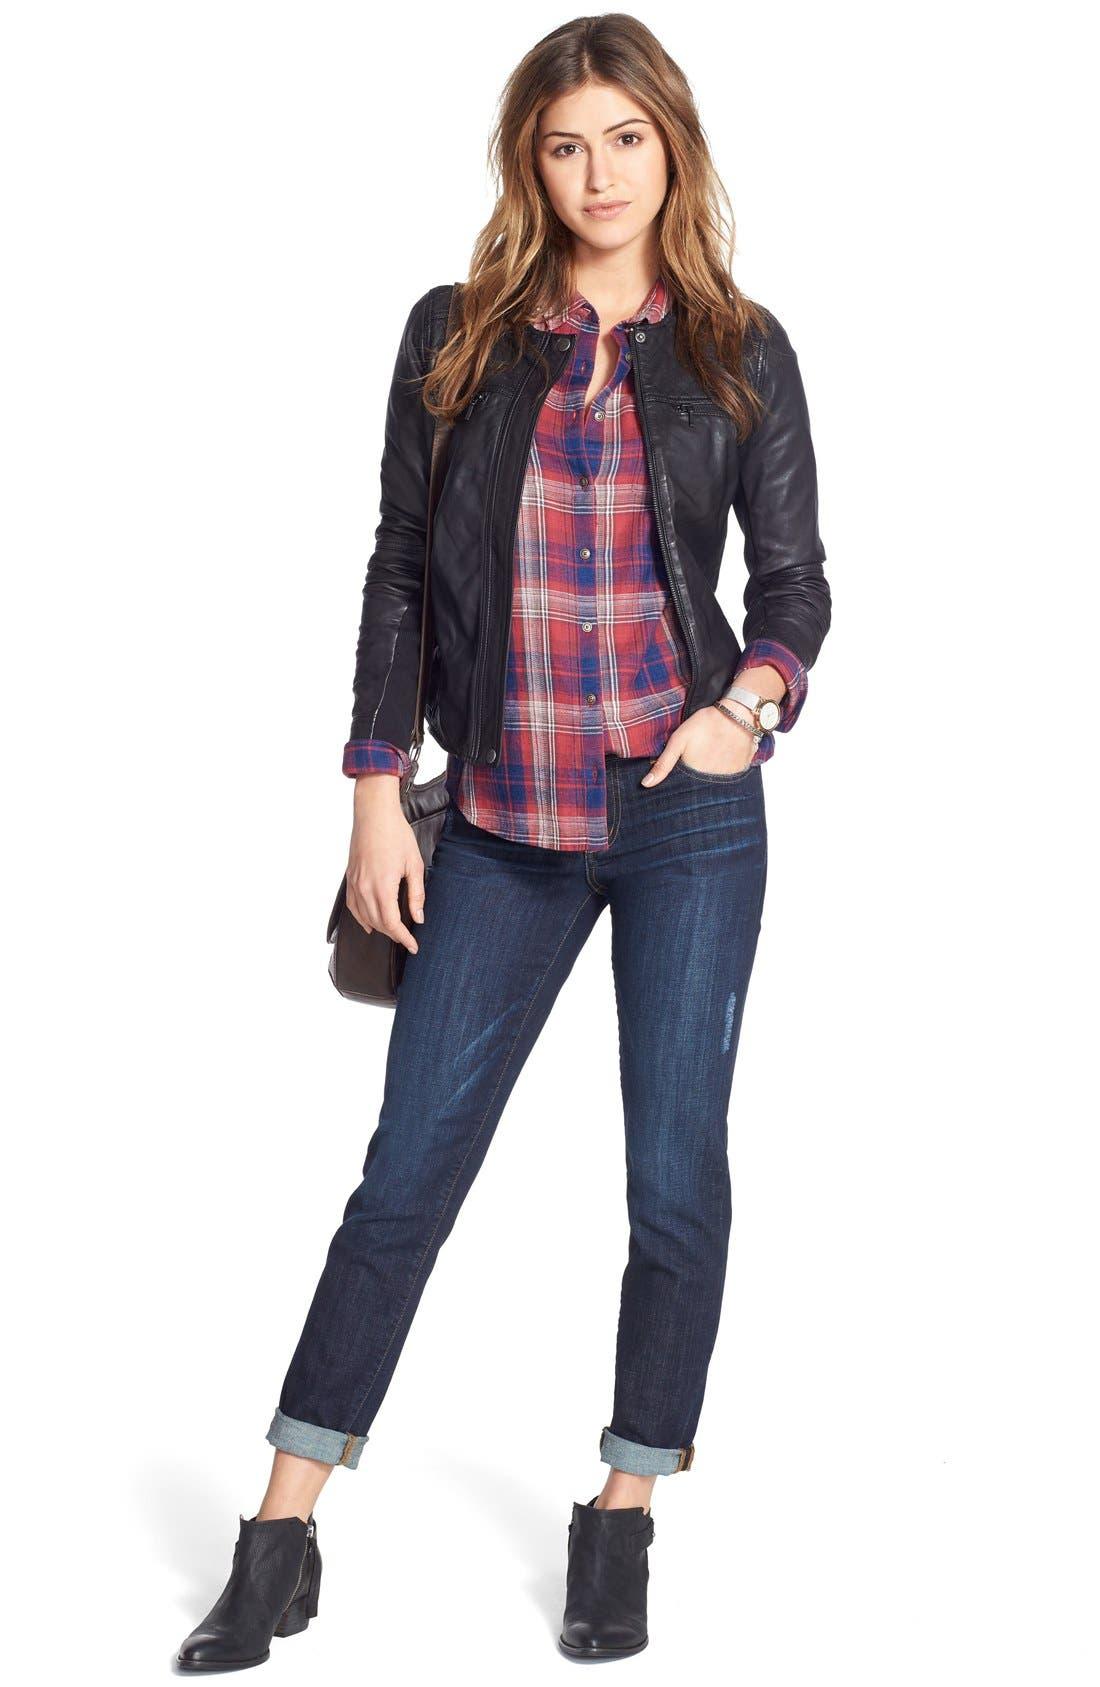 Caslon® Leather Jacket, Shirt & Jeans